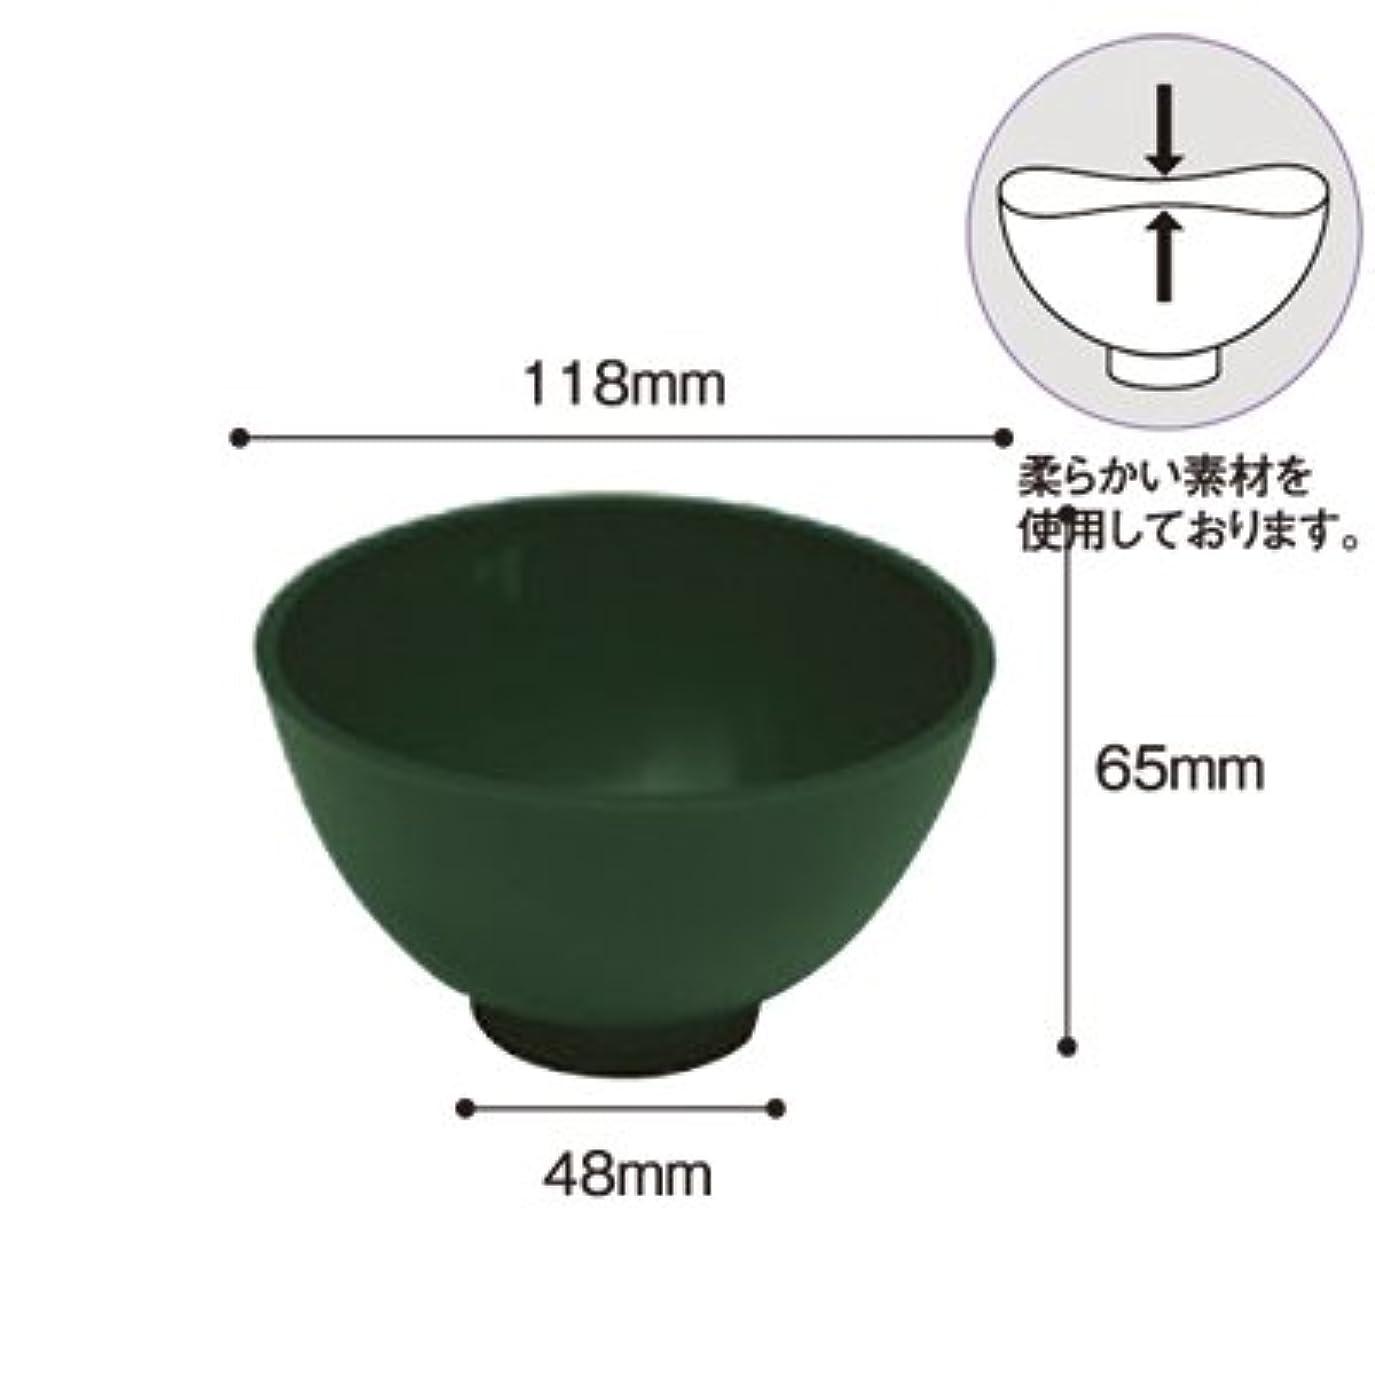 特権的おもちゃ形式(ロータス)LOTUS ラバーボウル エステ サロン 割れない カップ 歯科 Mサイズ (直径:127mm)グリーン